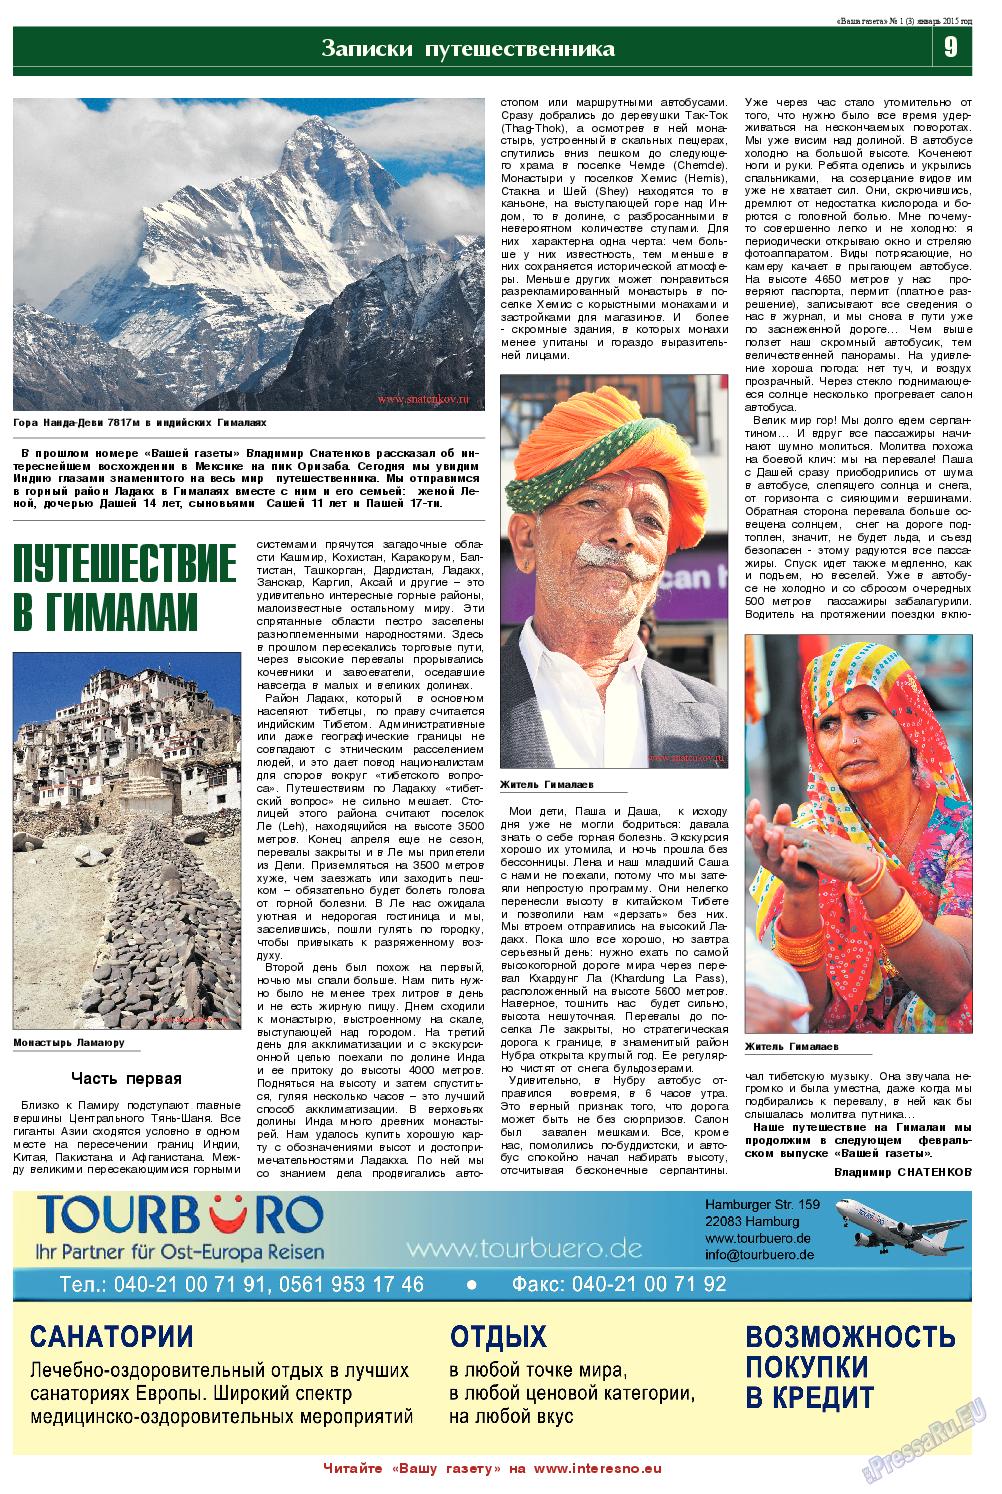 Ваша газета (газета). 2015 год, номер 1, стр. 9